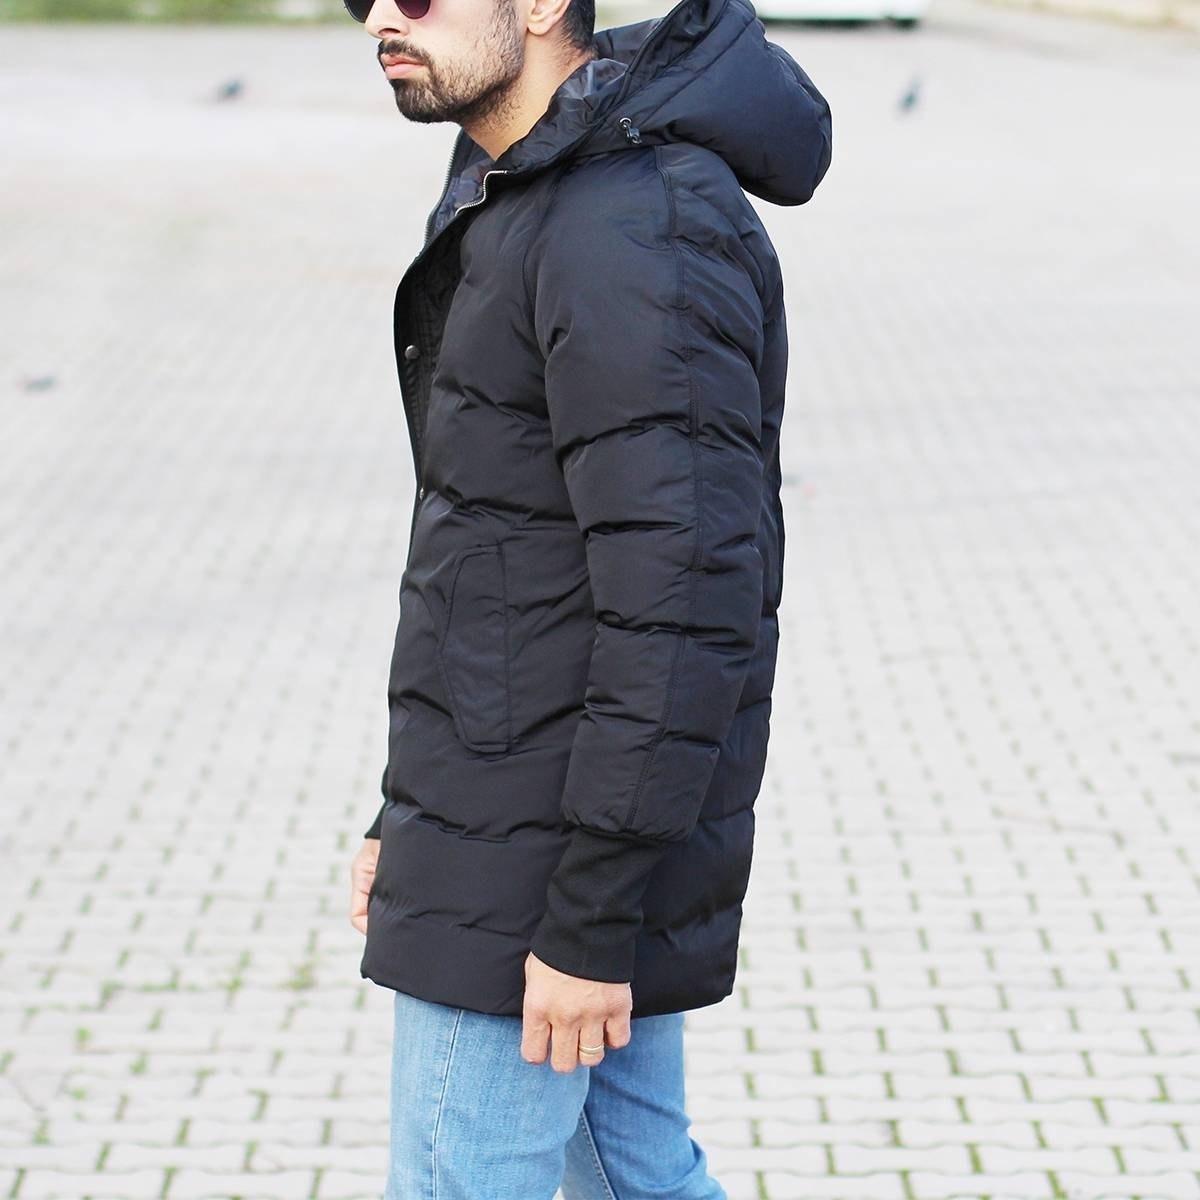 Hooded Puffer Winter Coat In Black Mv Premium Brand - 4